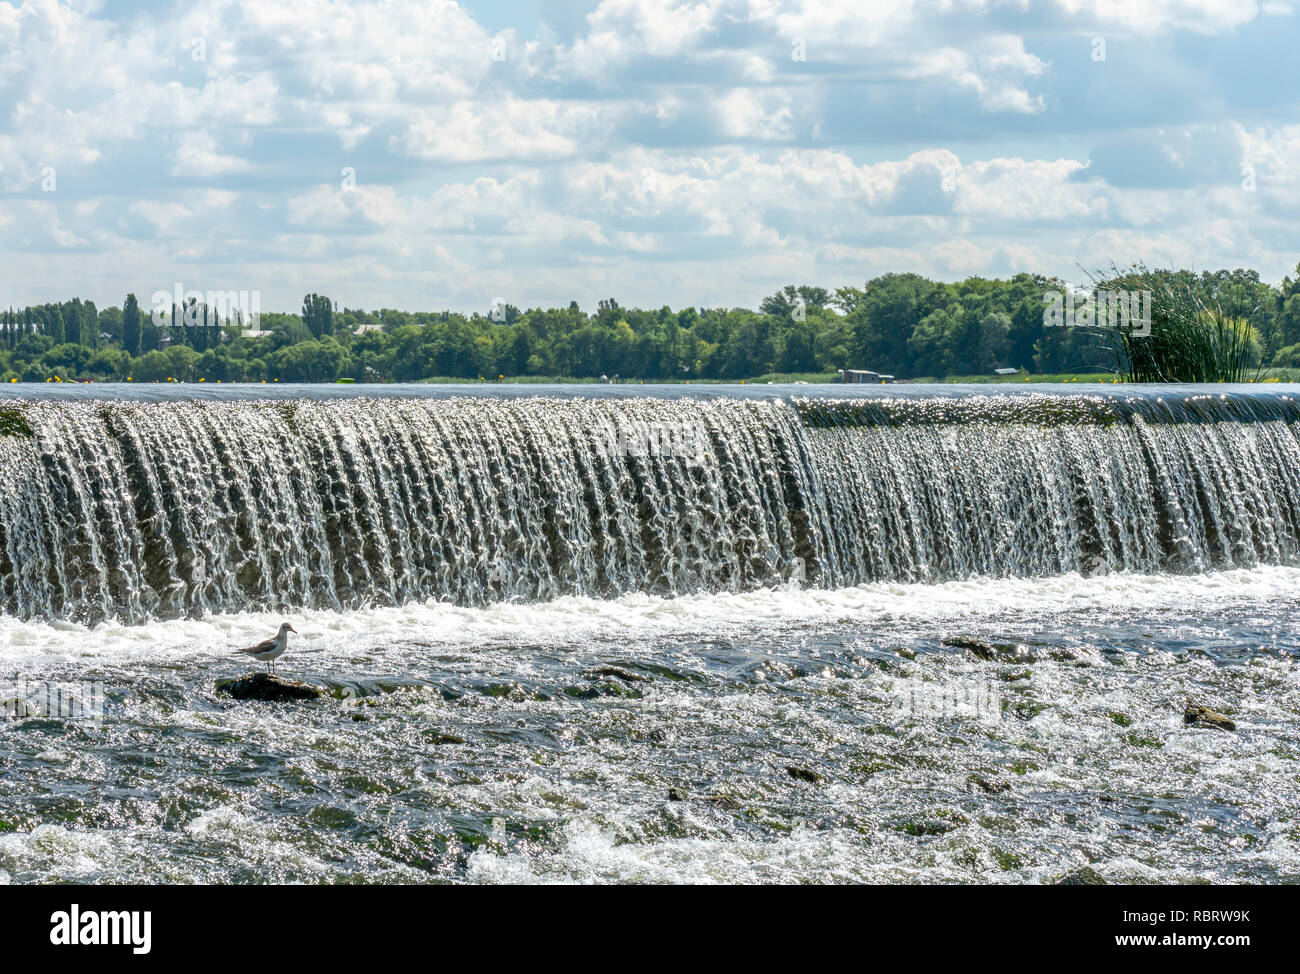 Regula el flujo de agua que fluye a través del centro de una ciudad. Rusia, Lipetsk. Foto de stock